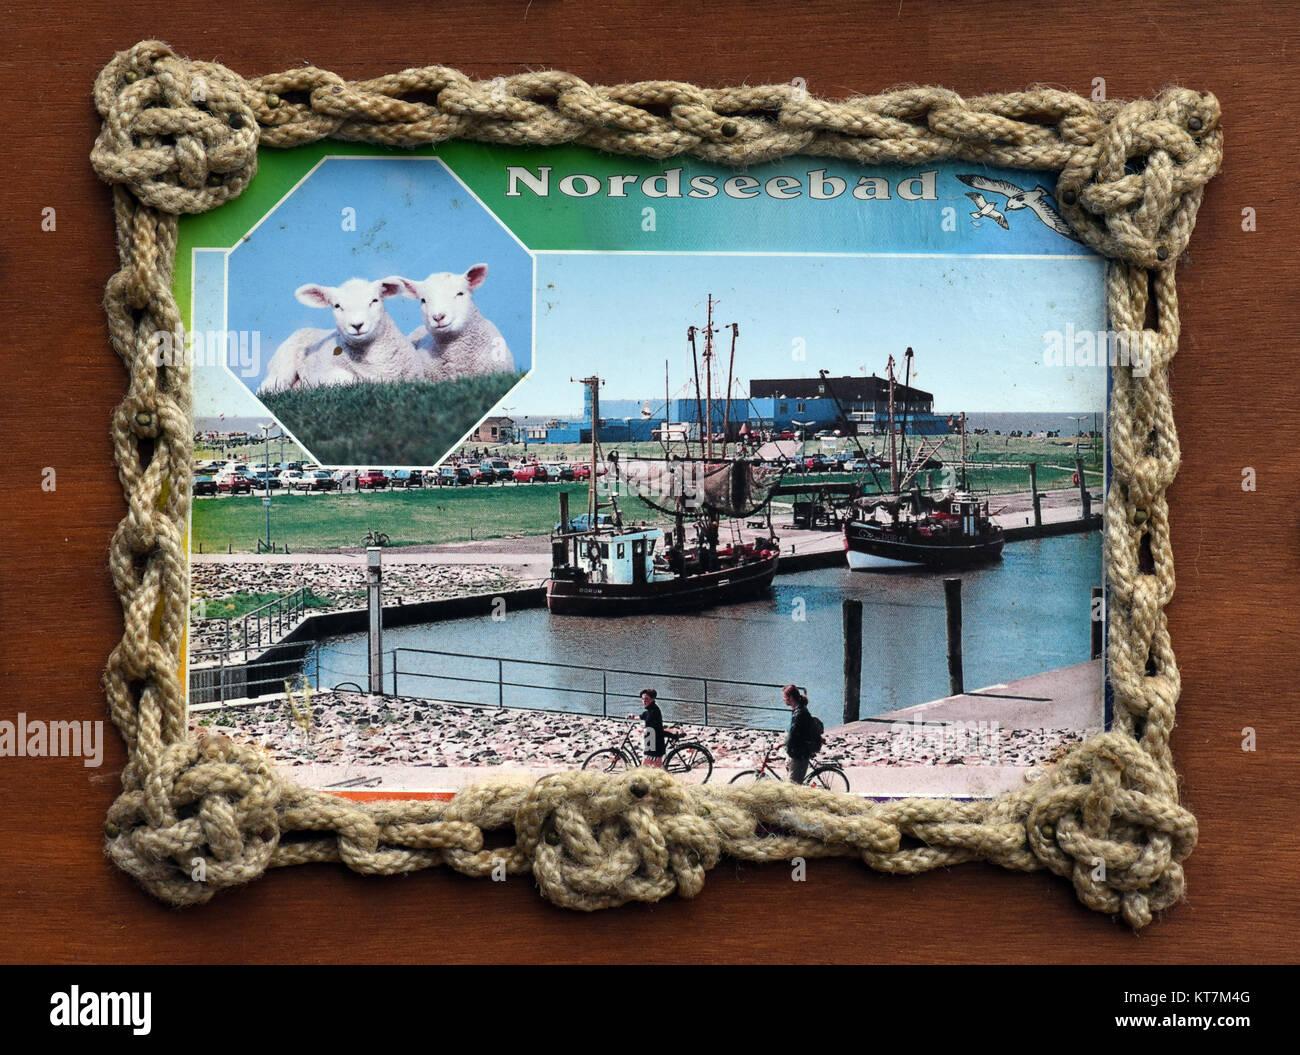 160 Sailors Stock Photos & 160 Sailors Stock Images - Alamy